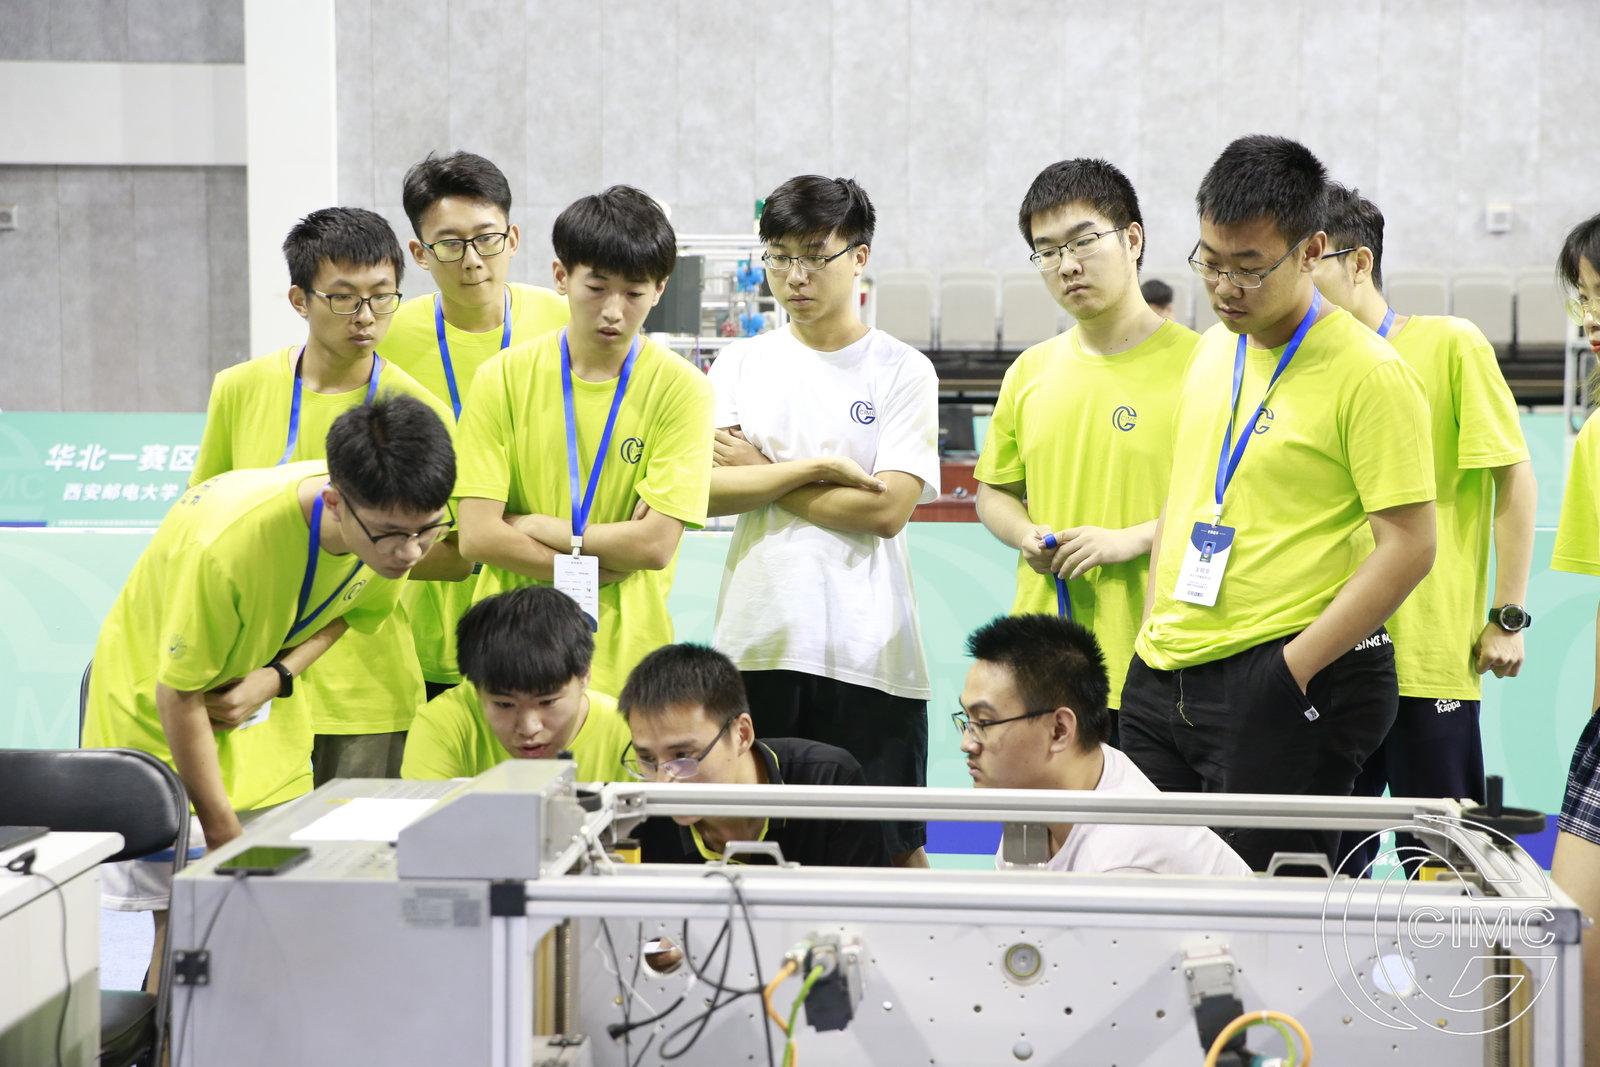 万余名师生角逐智能制造挑战赛 来自全国近600所高校